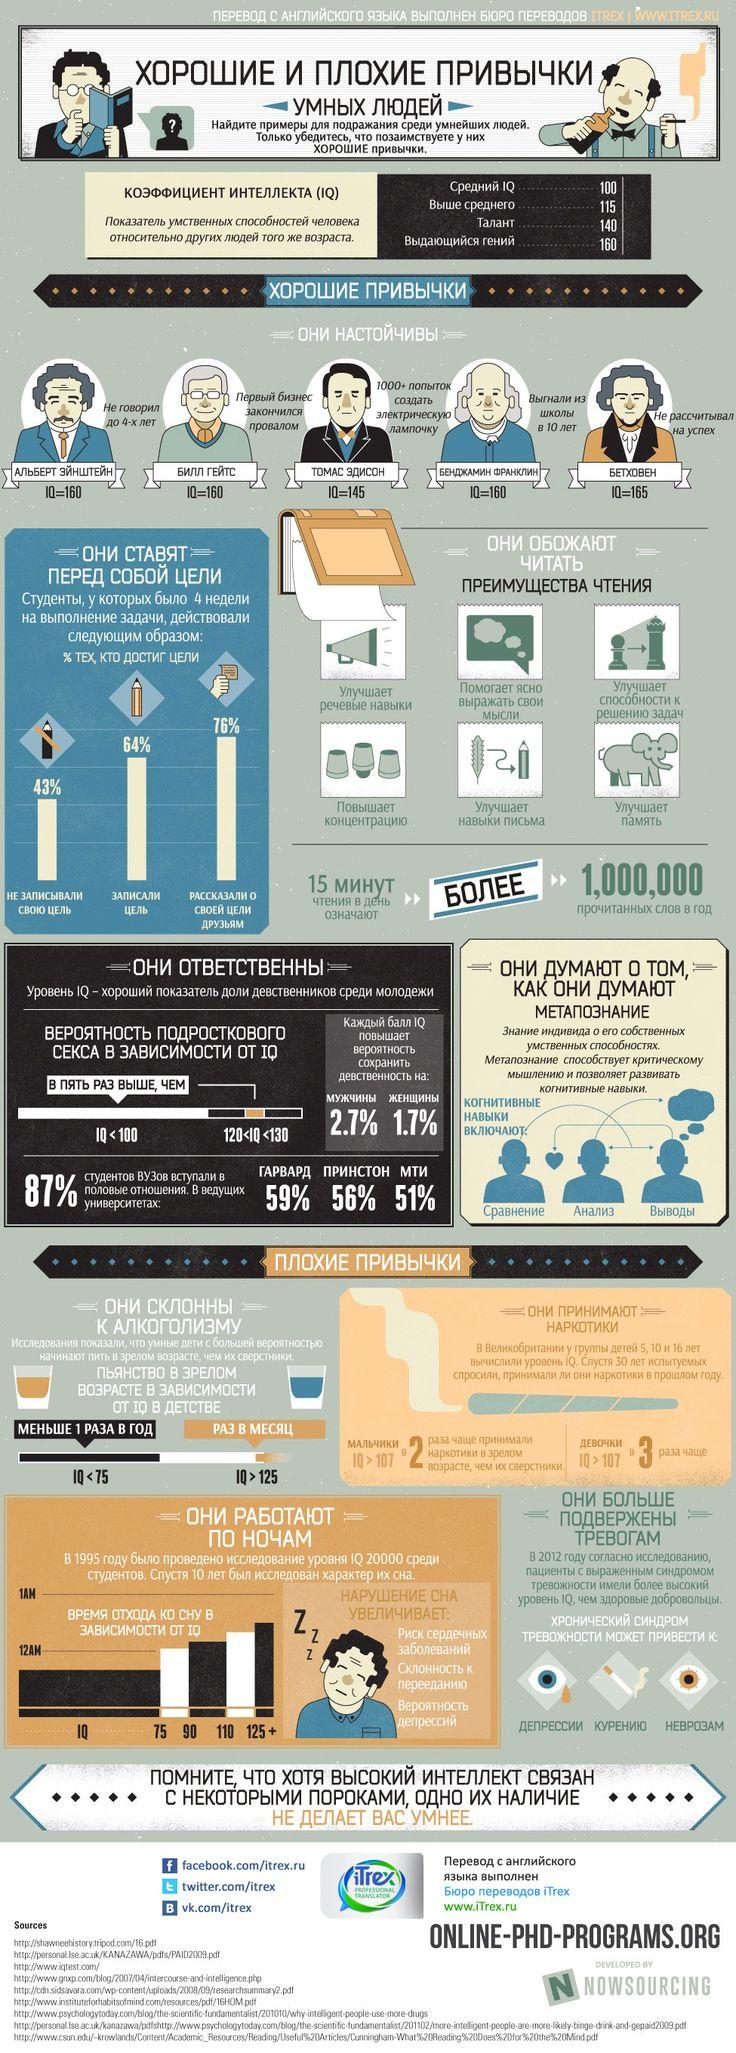 Недавно мы публиковали инфографику про #привычки успешных людей и неудачников. А сегодня повторяем инфографику про хорошие и плохие привычки умных людей. Запоминаем, становимся умнее и успешнее :)  http://itrex.ru/news/privychki_umnykh_ludey